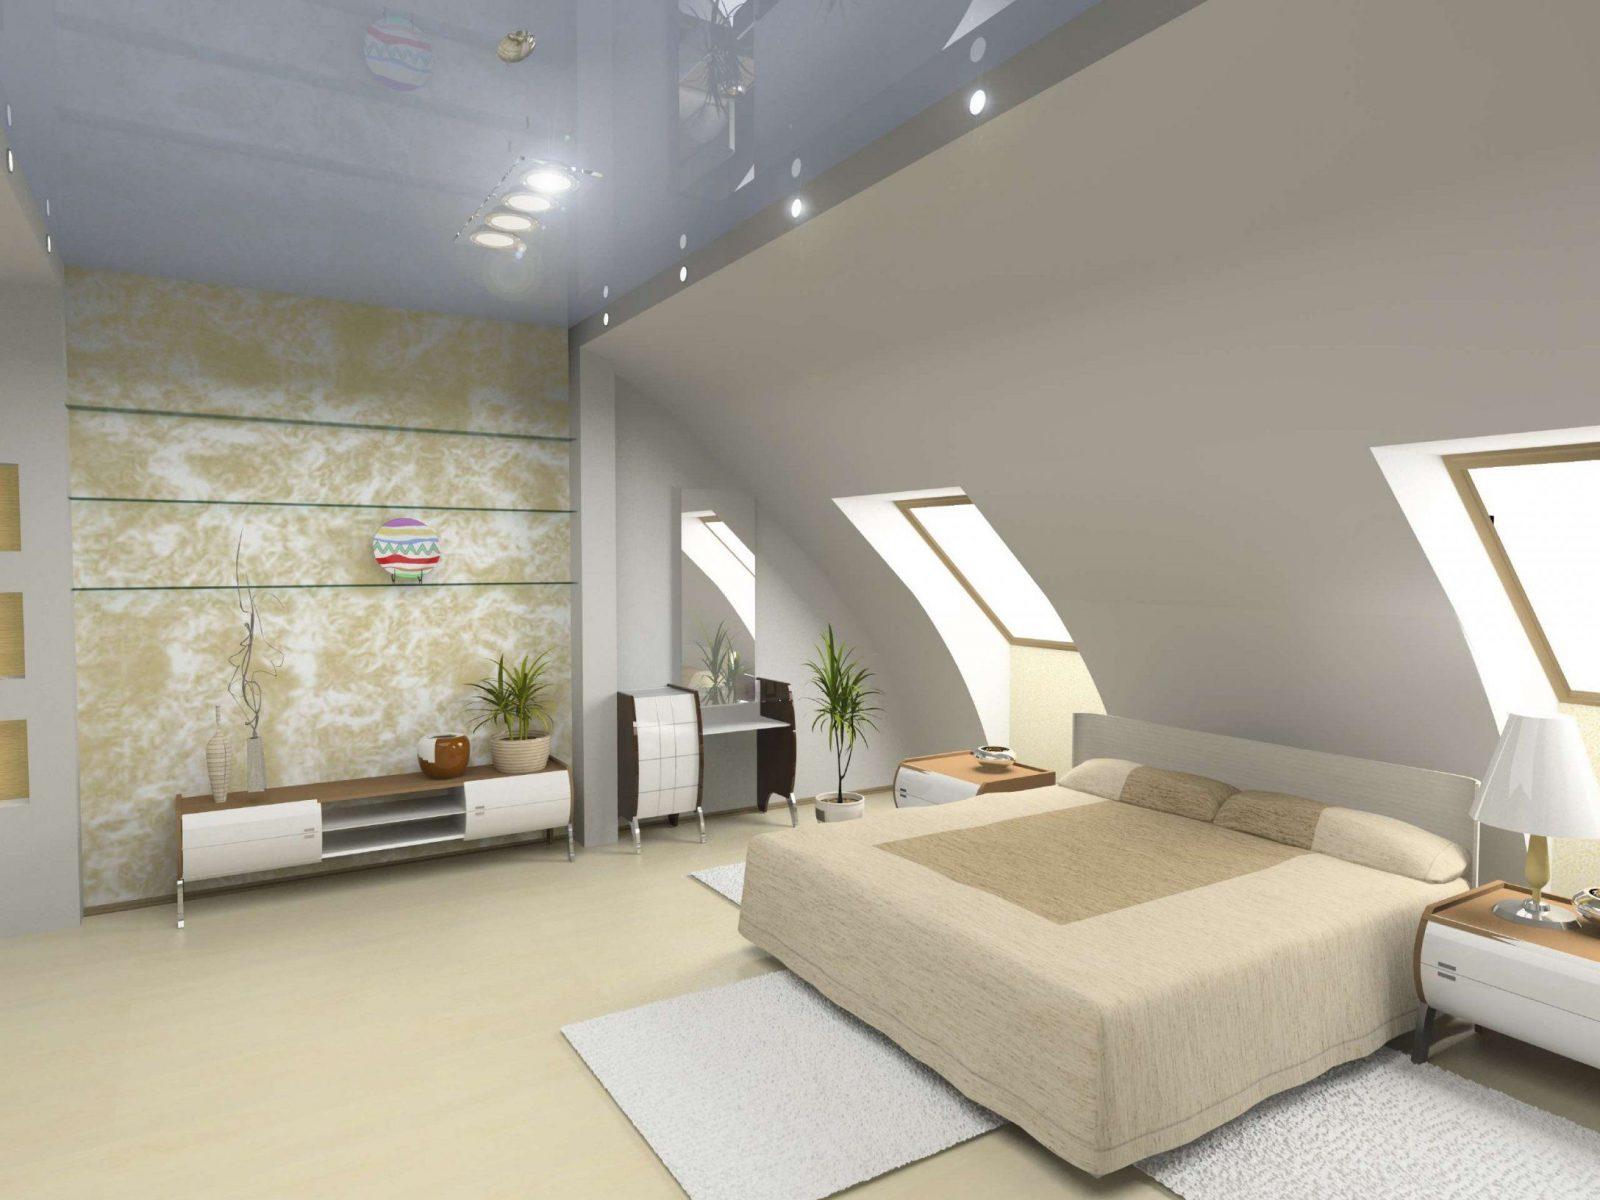 Bett Platzieren  Dachschräge Im Schlafzimmer von Zimmer Mit Dachschrägen Tapezieren Bild